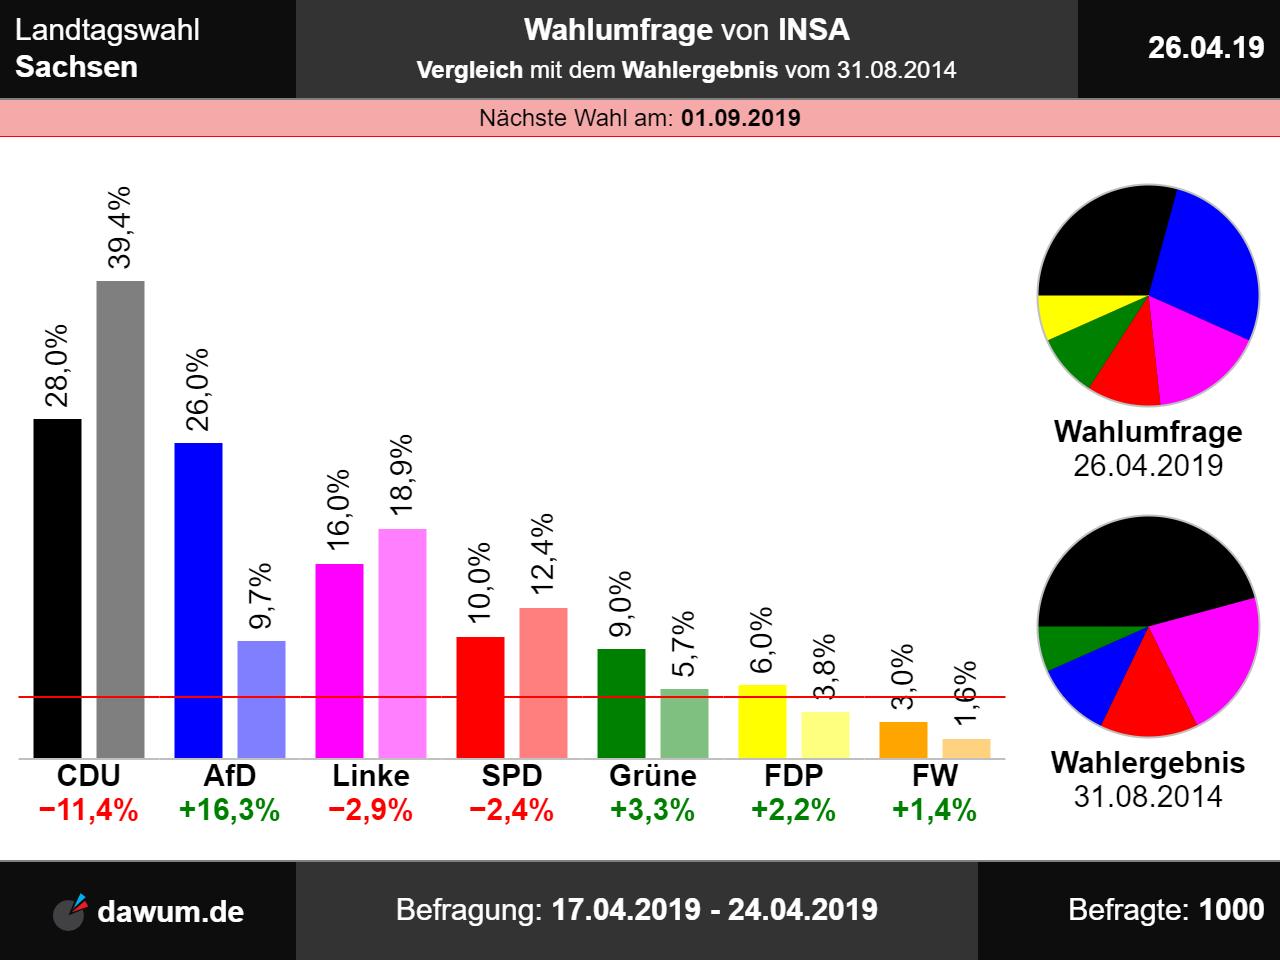 Landtagswahl Sachsen: Wahlumfrage Vom 26.04.2019 Von INSA